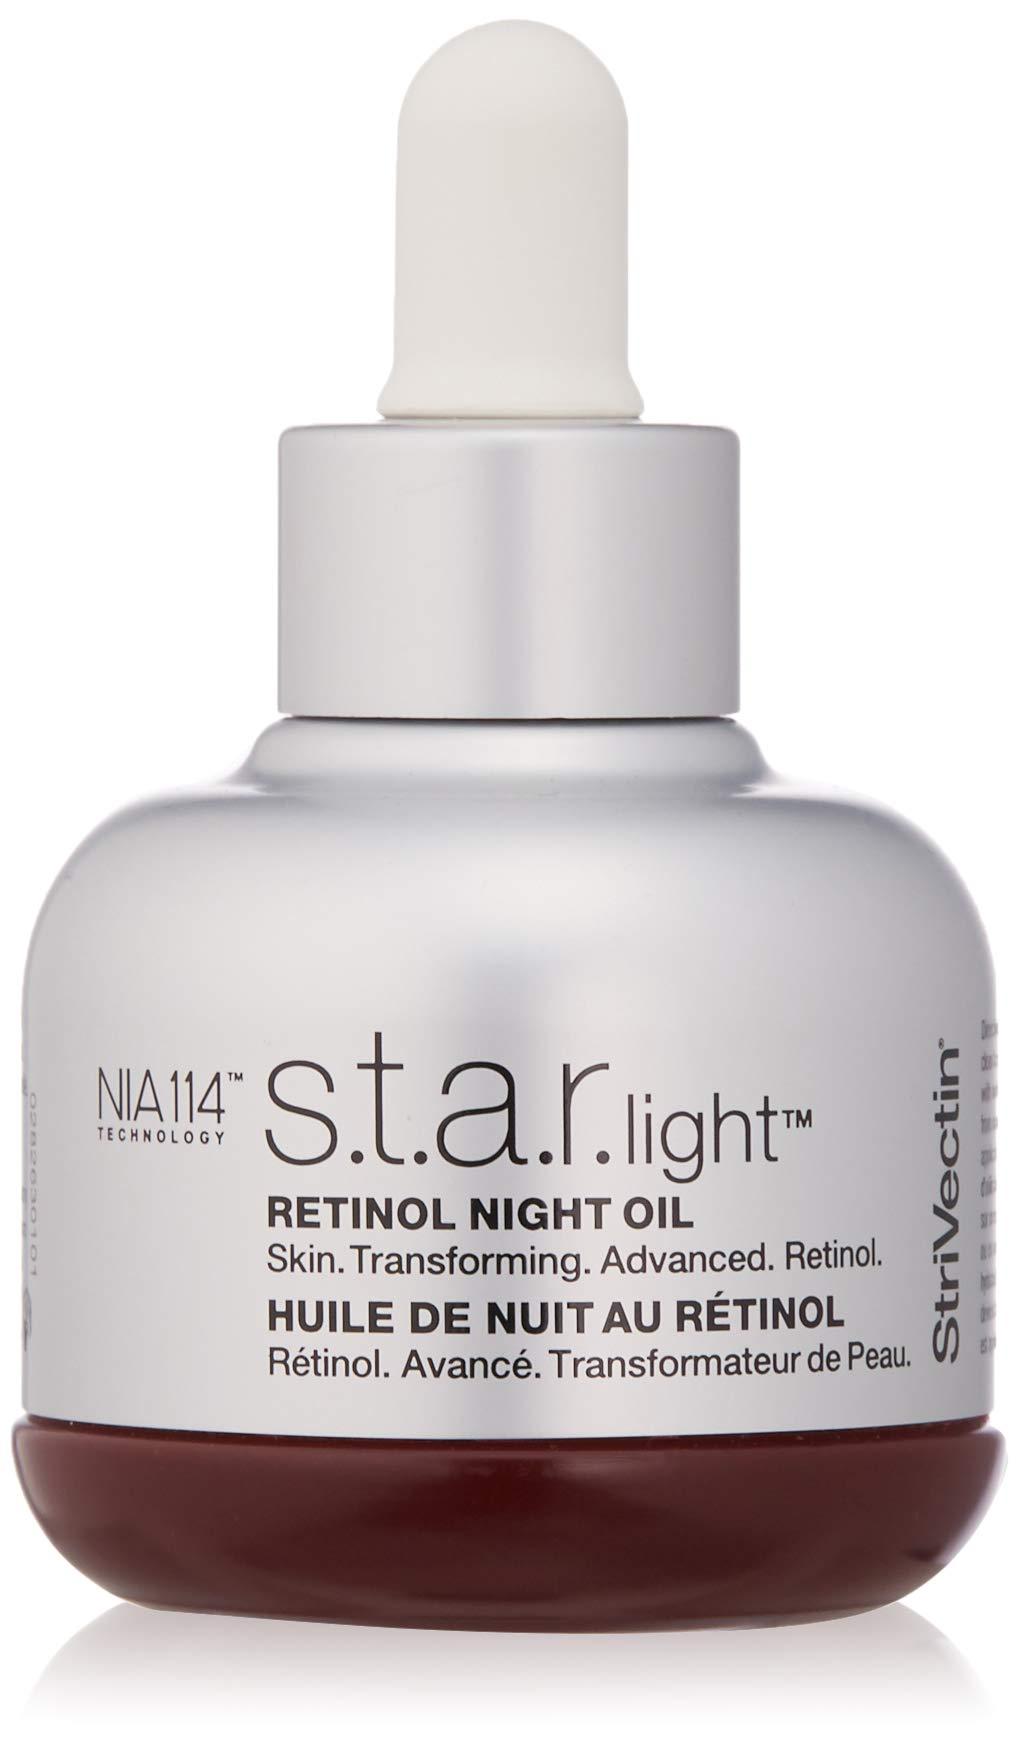 StriVectin S.t.a.r Light Retinol Night Oil, 1 fl. oz.